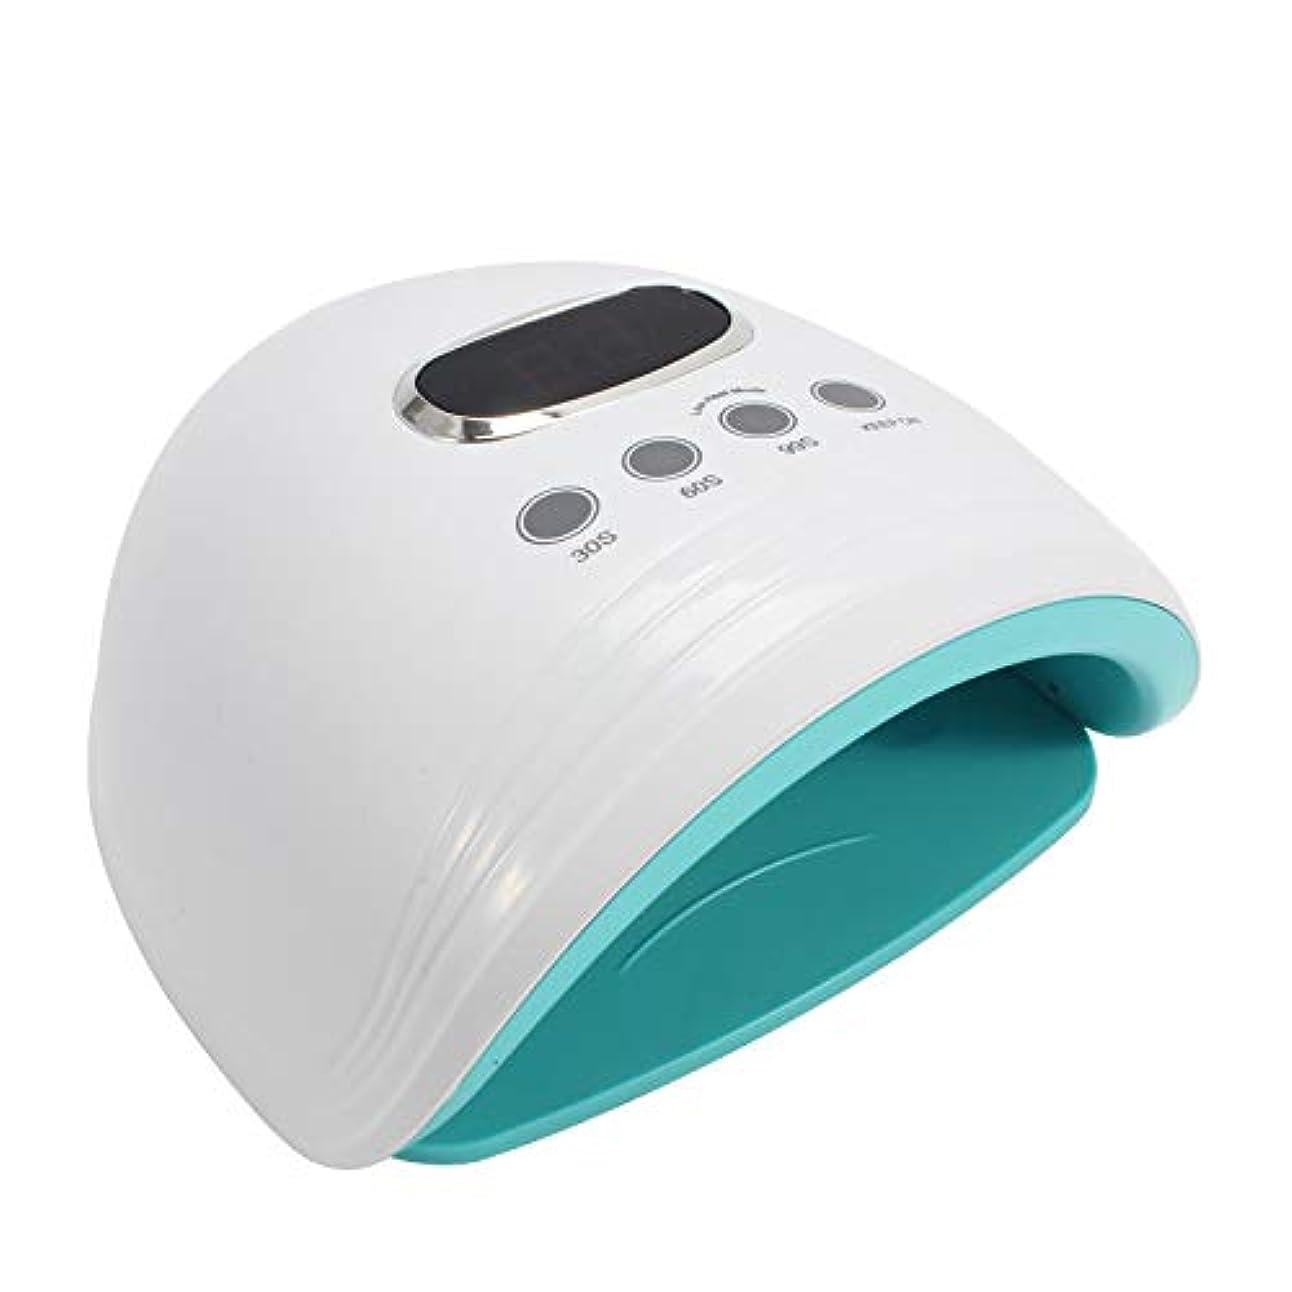 習熟度密度果てしないネイルドライヤー-30ランプビーズ60ワットハイパワー10秒速乾性知能センサー光線療法機